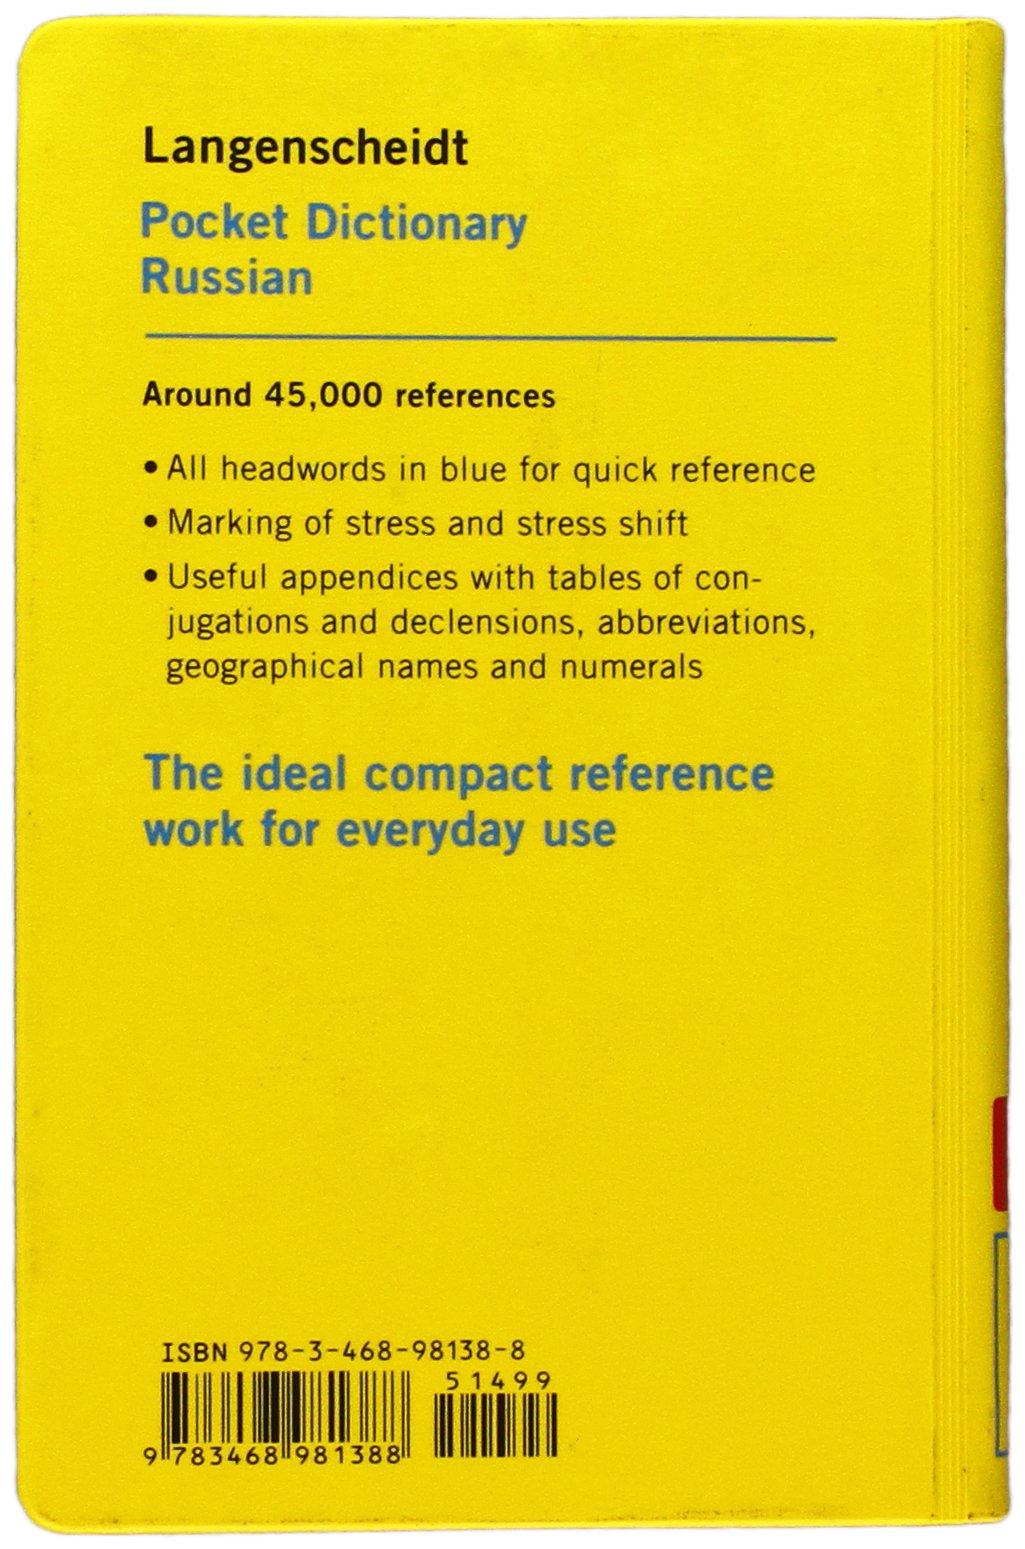 Langenscheidt Pocket Dictionary Russian: Russian - English / English -  Russian: Amazon.co.uk: Langenscheidt: 9783468981388: Books